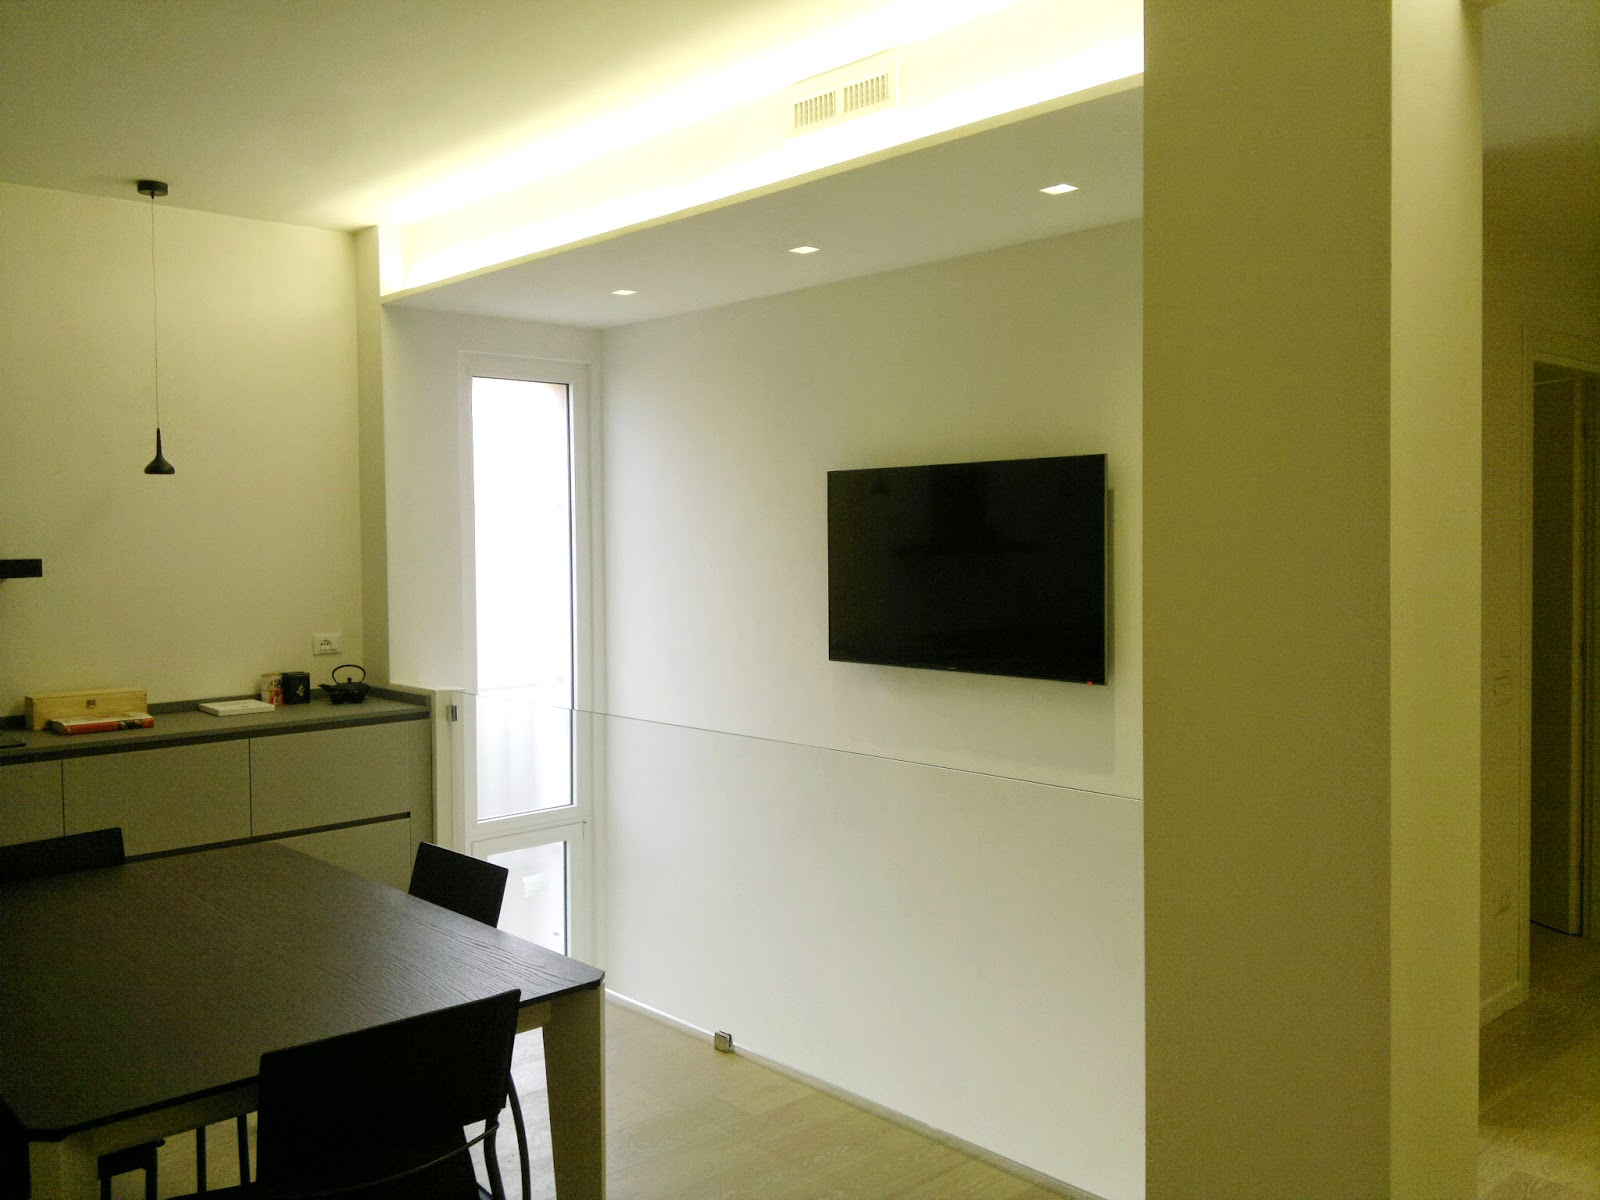 Bricoman Illuminazione Cucina : Illuminazione led casa: torino ristrutturando un appartamento